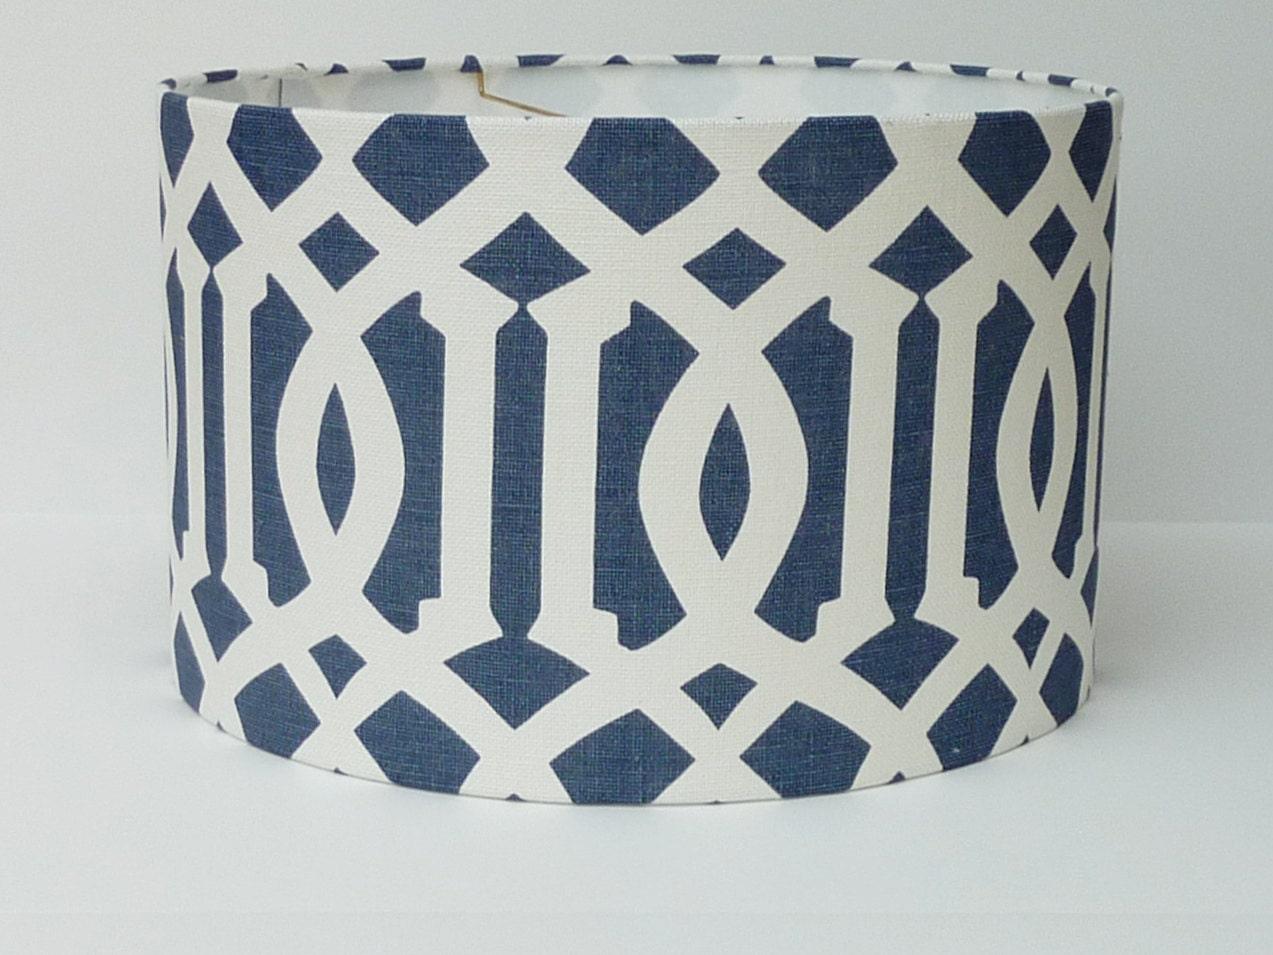 Custom Drum Lampshade in Schumacher Imperial Trellis fabric in Navy